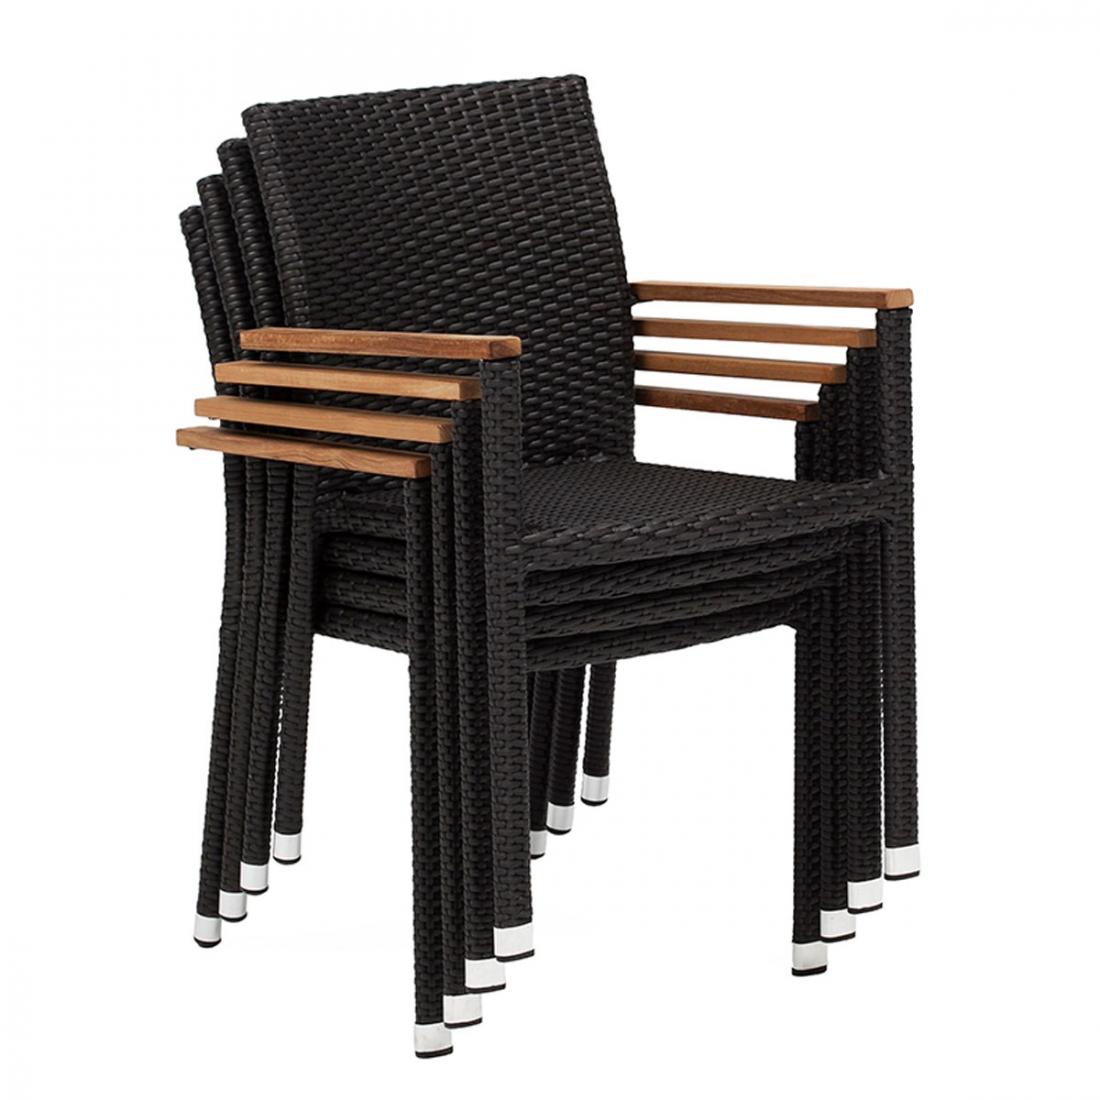 Fauteuil de salon de jardin Zendart design